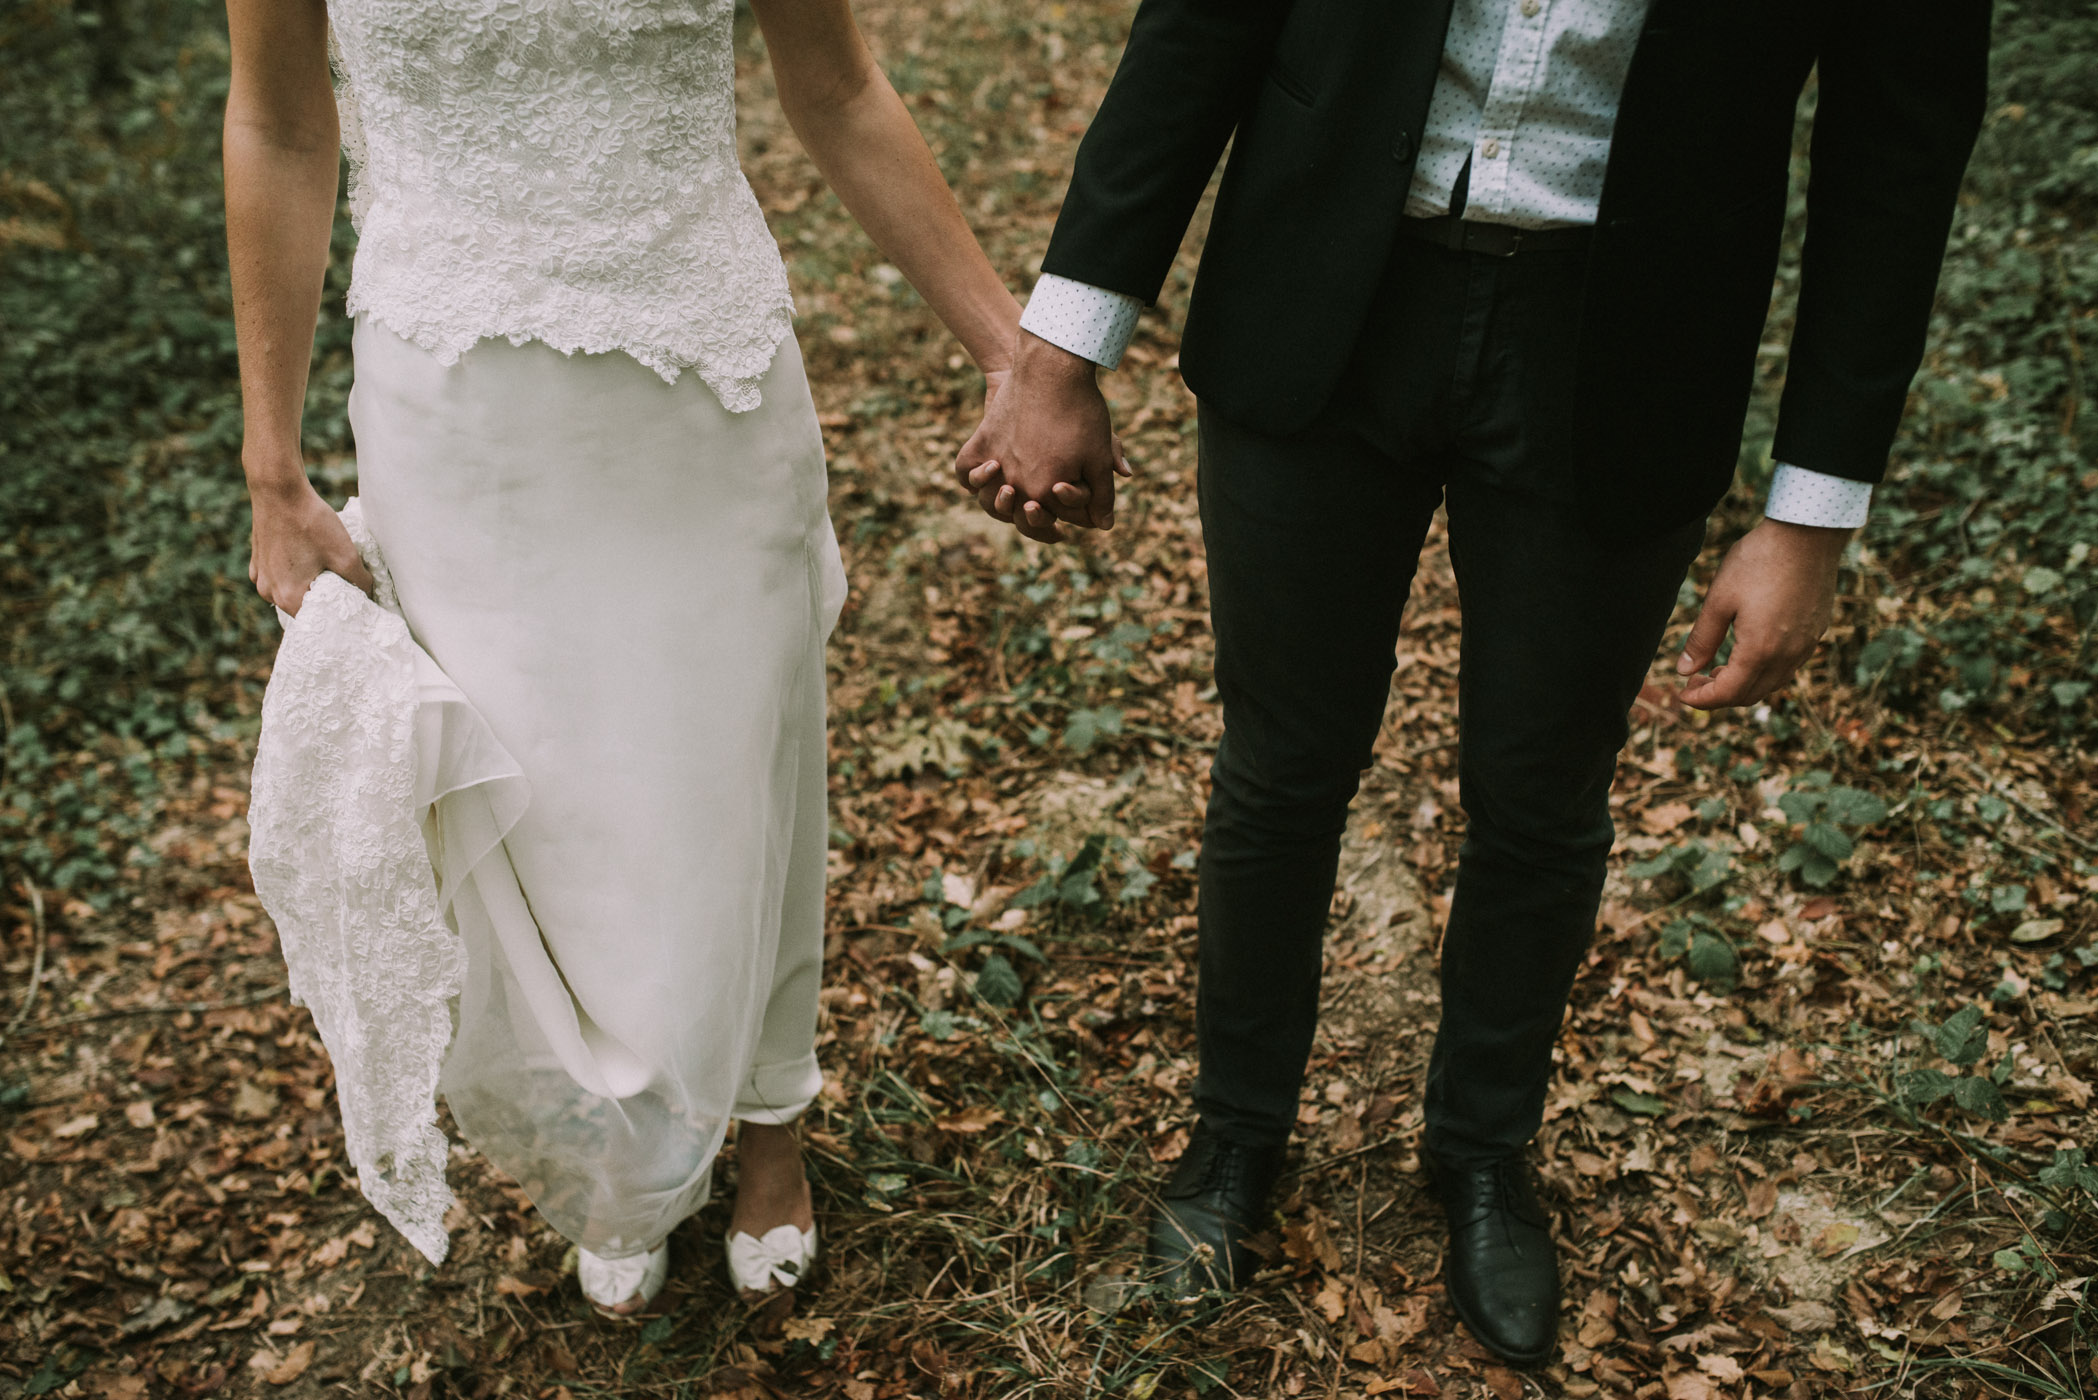 sun-drops-down-shooting-dinspiration-automnal-sous-les-bois-en-dordogne-blog-mariage-la-mariee-sous-les-etoiles-photo-mira-al-pajarito-12